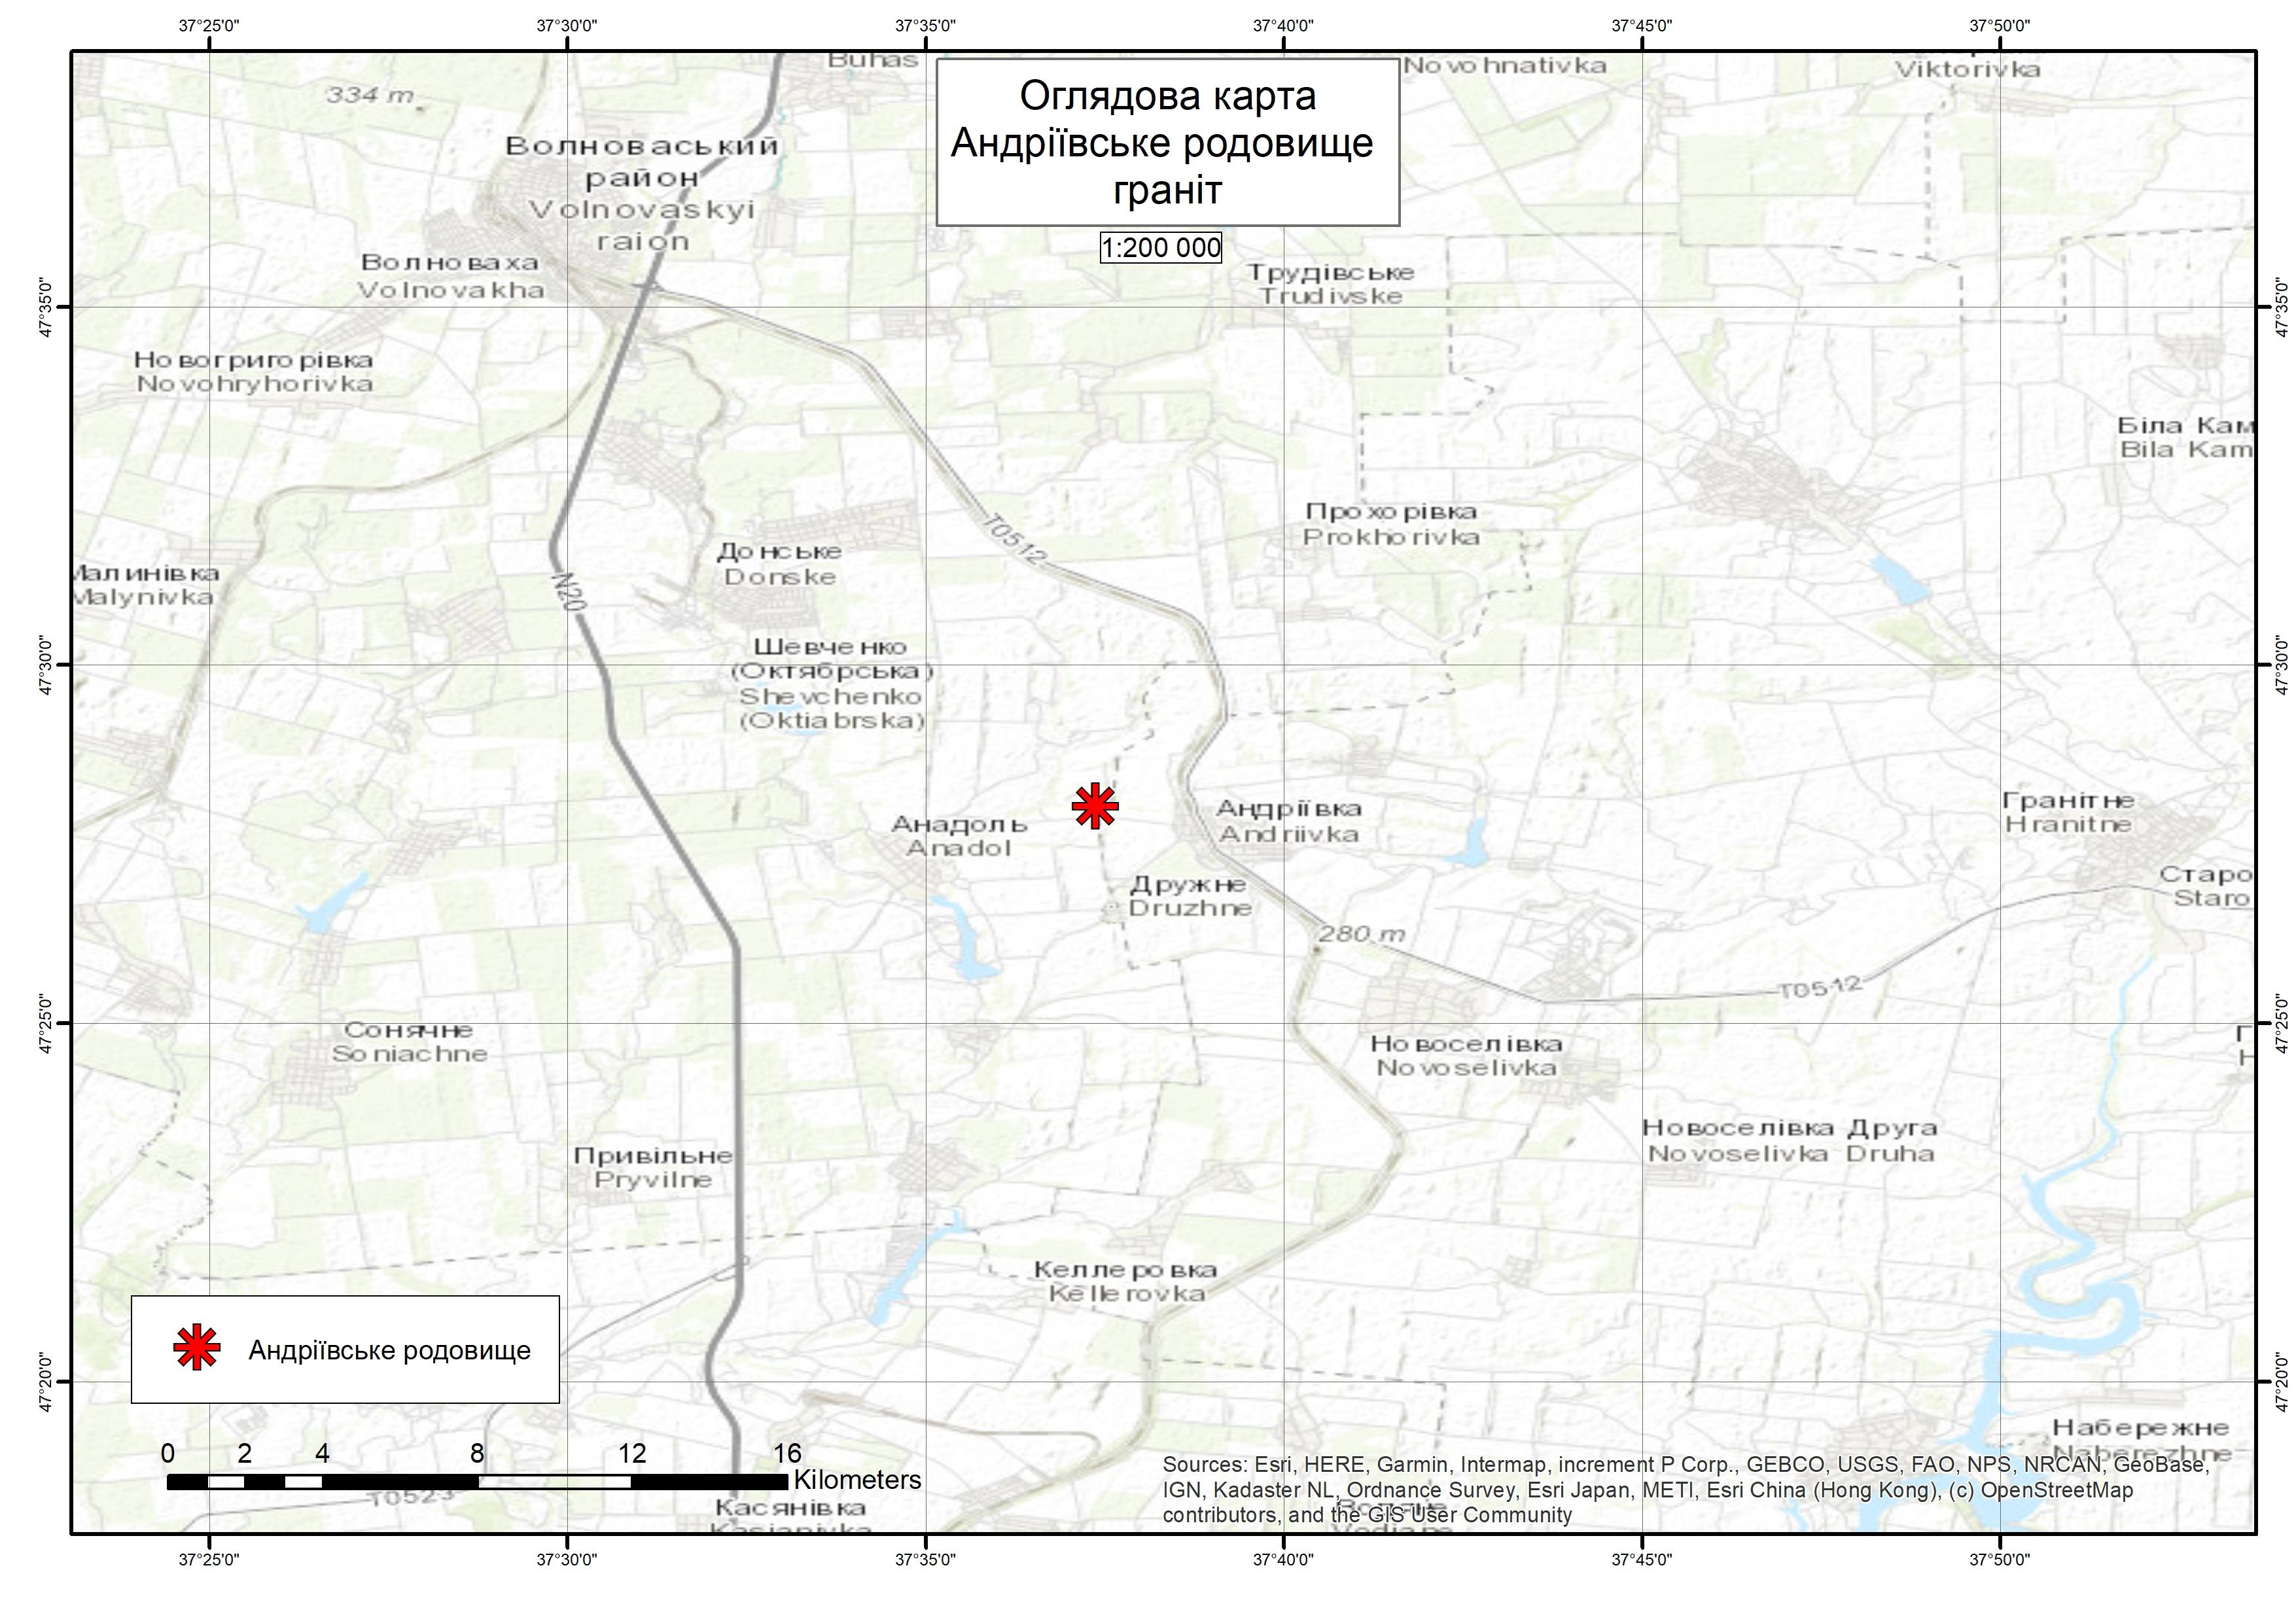 Спеціальний дозвіл на користування надрами – Андріївське родовище. Вартість геологічної інформації – 60 621,75 грн (з ПДВ). Вартість пакету аукціонної документації – 72 550 грн (з ПДВ).